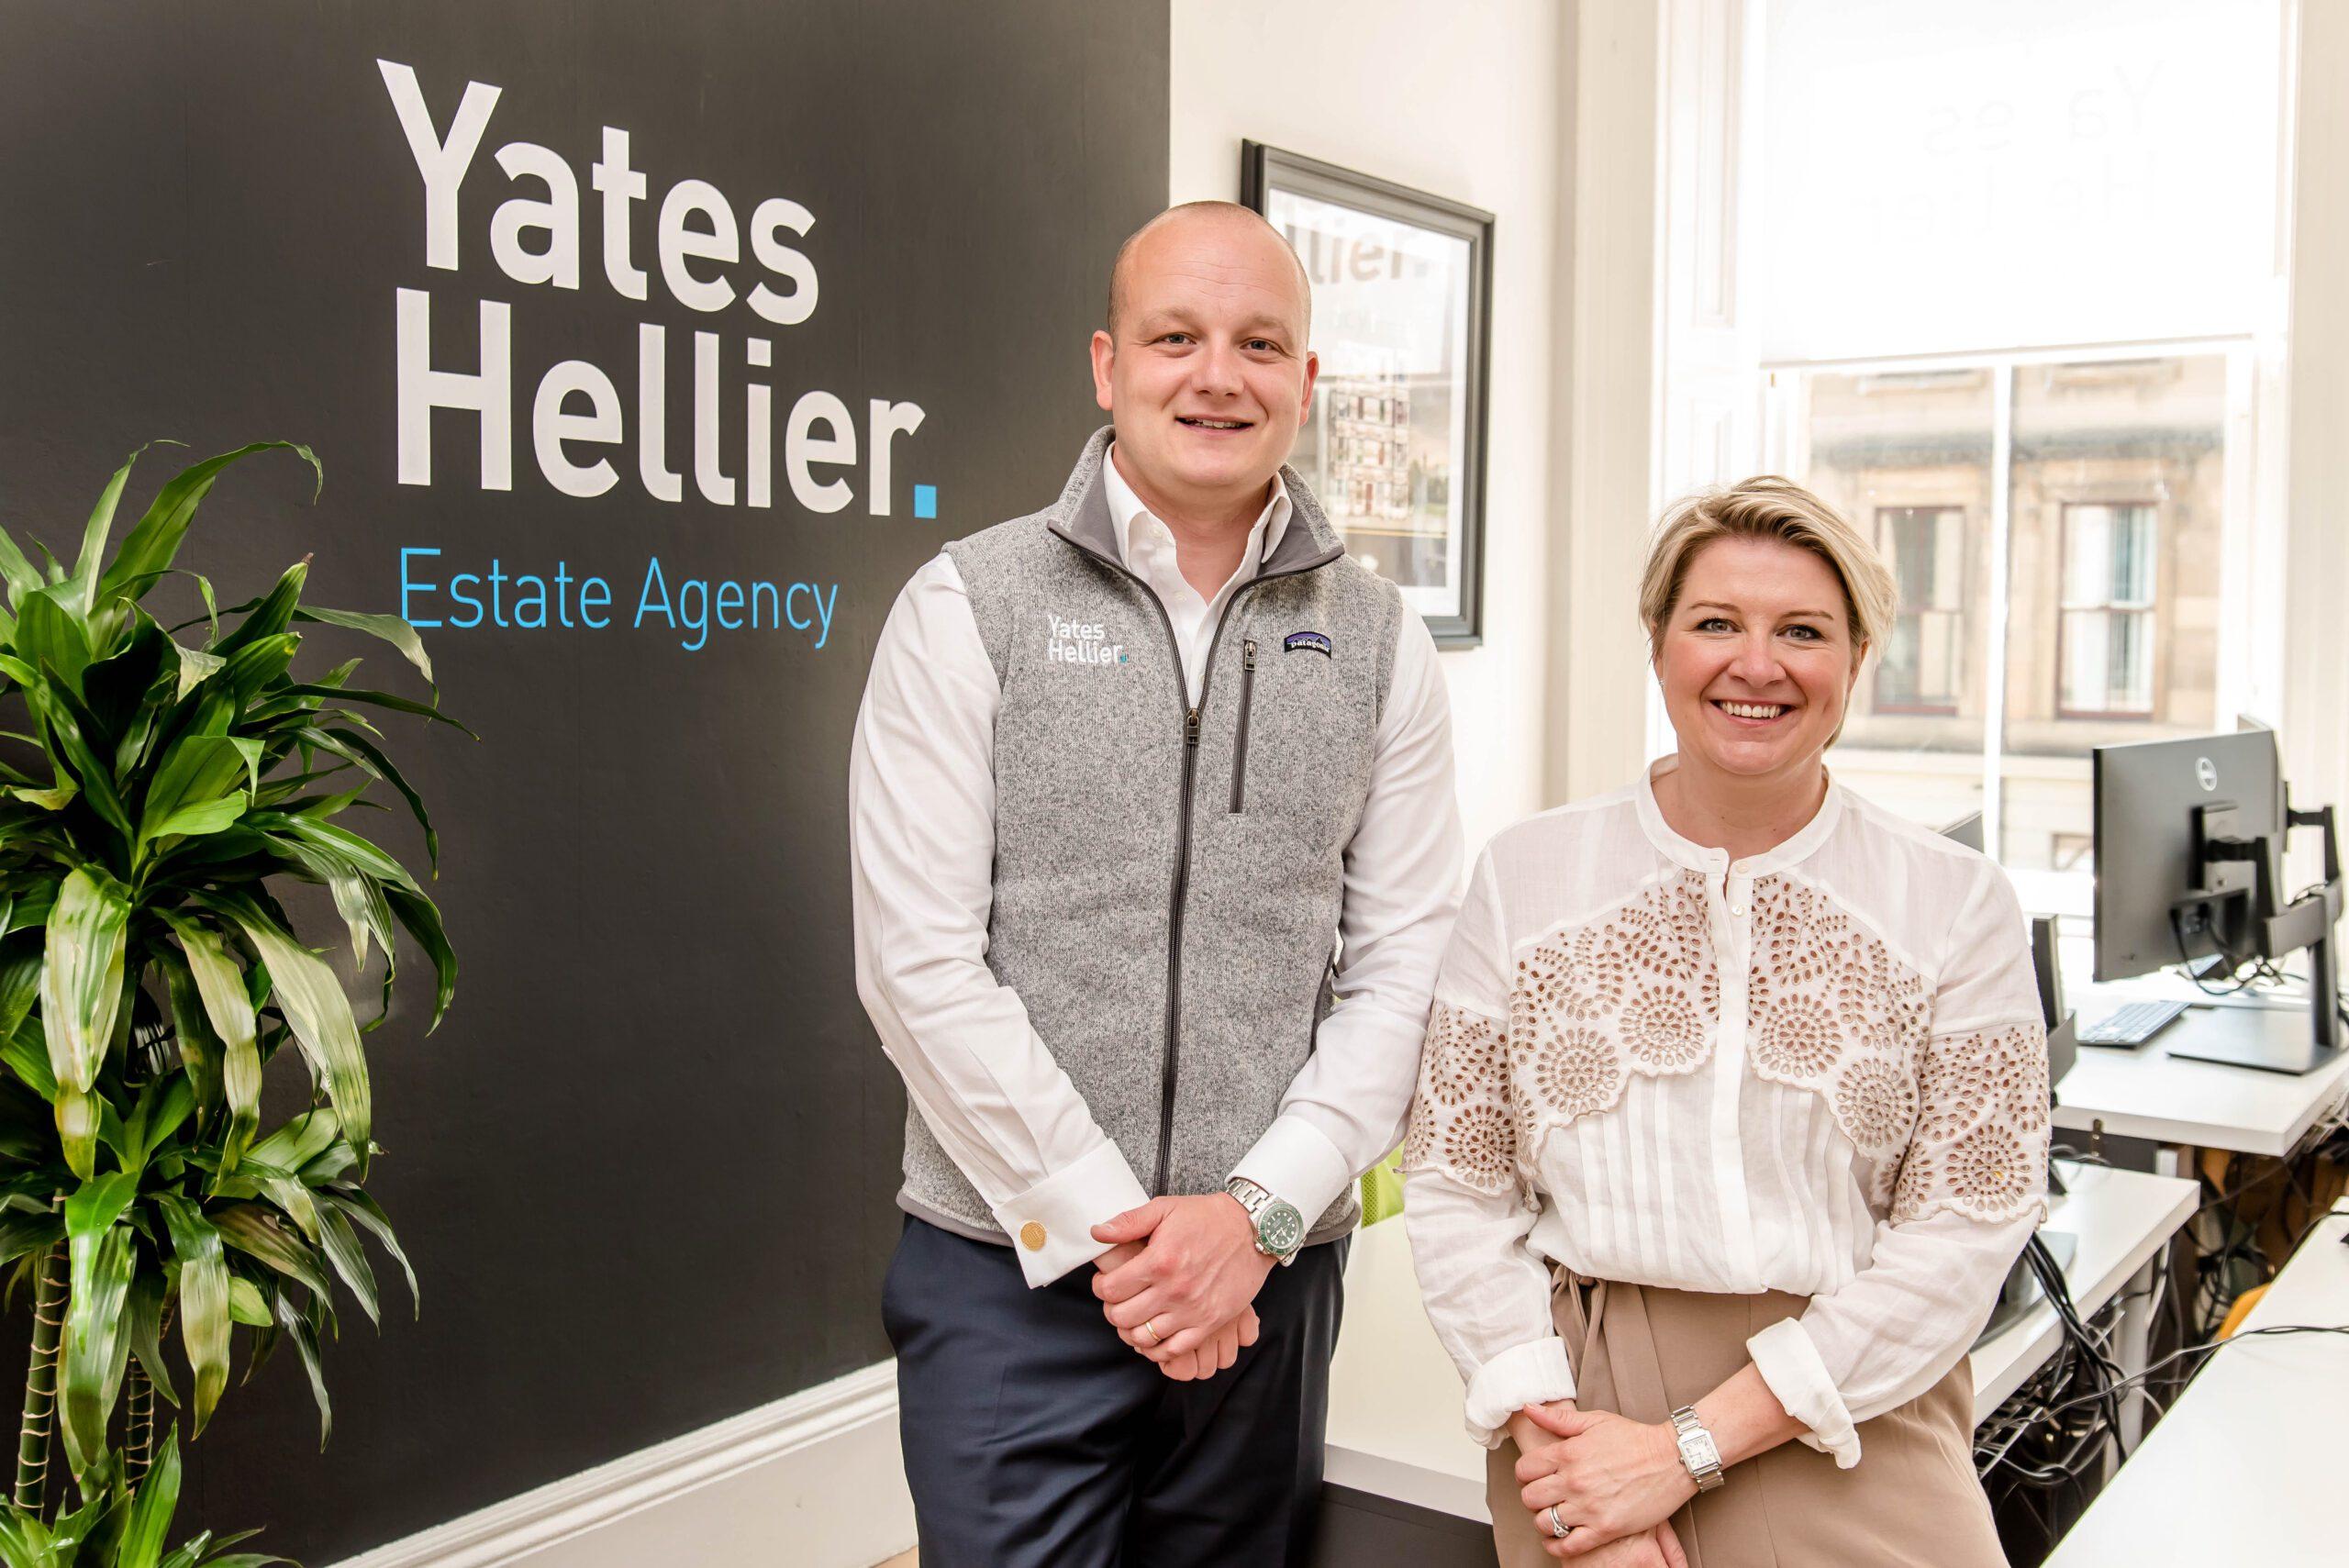 Best Glasgow Estate Agents - Yates Hellier